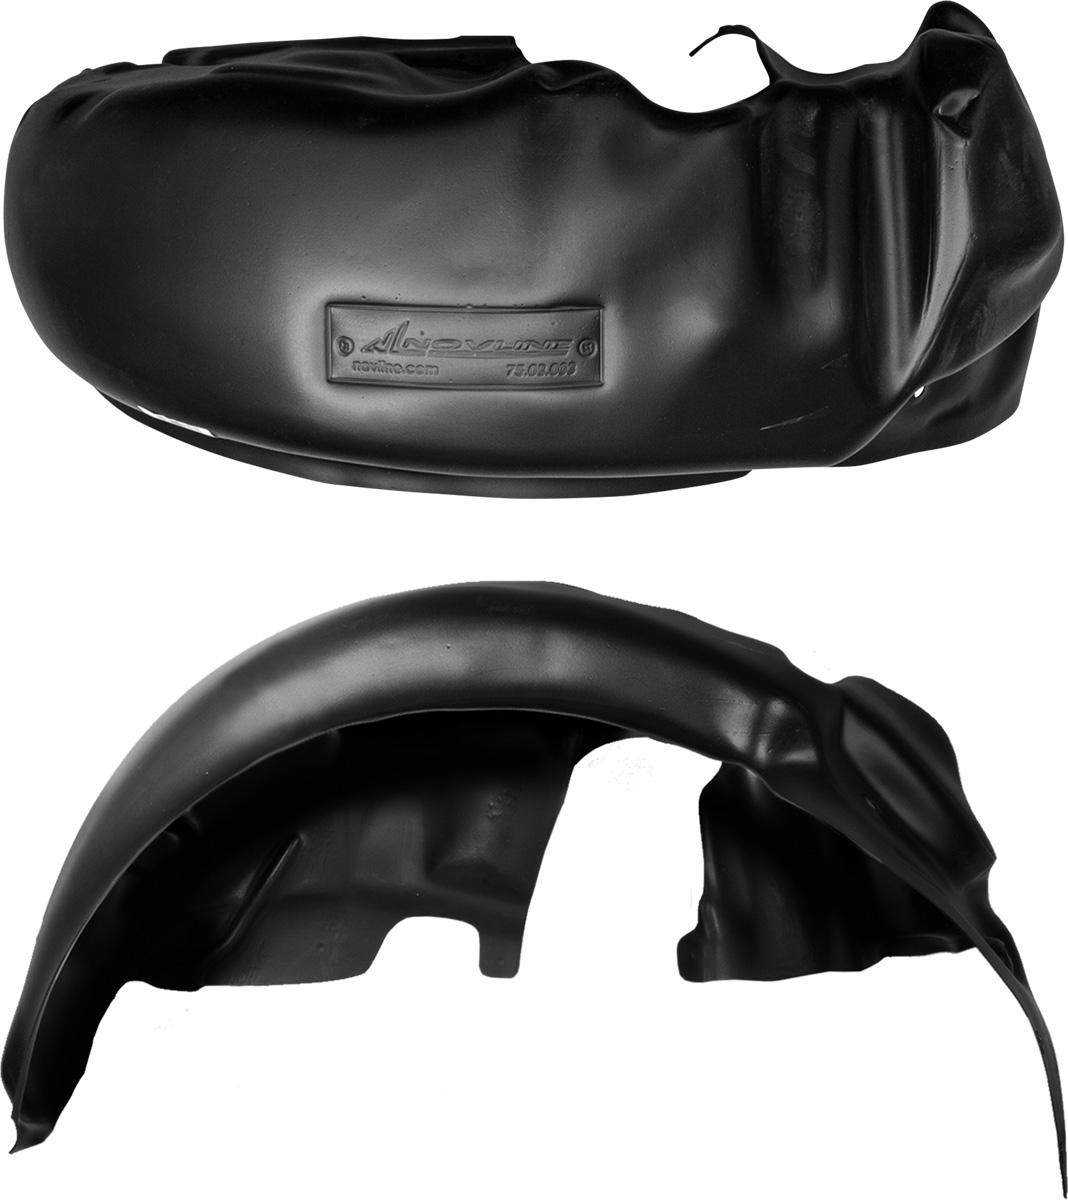 Подкрылок Novline-Autofamily, для Nissan Terrano 4x2, 2014->, задний левыйNLL.36.44.003Колесные ниши - одни из самых уязвимых зон днища вашего автомобиля. Они постоянно подвергаются воздействию со стороны дороги. Лучшая, почти абсолютная защита для них - специально отформованные пластиковые кожухи, которые называются подкрылками. Производятся они как для отечественных моделей автомобилей, так и для иномарок. Подкрылки Novline-Autofamily выполнены из высококачественного, экологически чистого пластика. Обеспечивают надежную защиту кузова автомобиля от пескоструйного эффекта и негативного влияния, агрессивных антигололедных реагентов. Пластик обладает более низкой теплопроводностью, чем металл, поэтому в зимний период эксплуатации использование пластиковых подкрылков позволяет лучше защитить колесные ниши от налипания снега и образования наледи. Оригинальность конструкции подчеркивает элегантность автомобиля, бережно защищает нанесенное на днище кузова антикоррозийное покрытие и позволяет осуществить крепление подкрылков внутри колесной арки практически без дополнительного крепежа и сверления, не нарушая при этом лакокрасочного покрытия, что предотвращает возникновение новых очагов коррозии. Подкрылки долговечны, обладают высокой прочностью и сохраняют заданную форму, а также все свои физико-механические характеристики в самых тяжелых климатических условиях (от -50°С до +50°С).Уважаемые клиенты!Обращаем ваше внимание, на тот факт, что подкрылок имеет форму, соответствующую модели данного автомобиля. Фото служит для визуального восприятия товара.